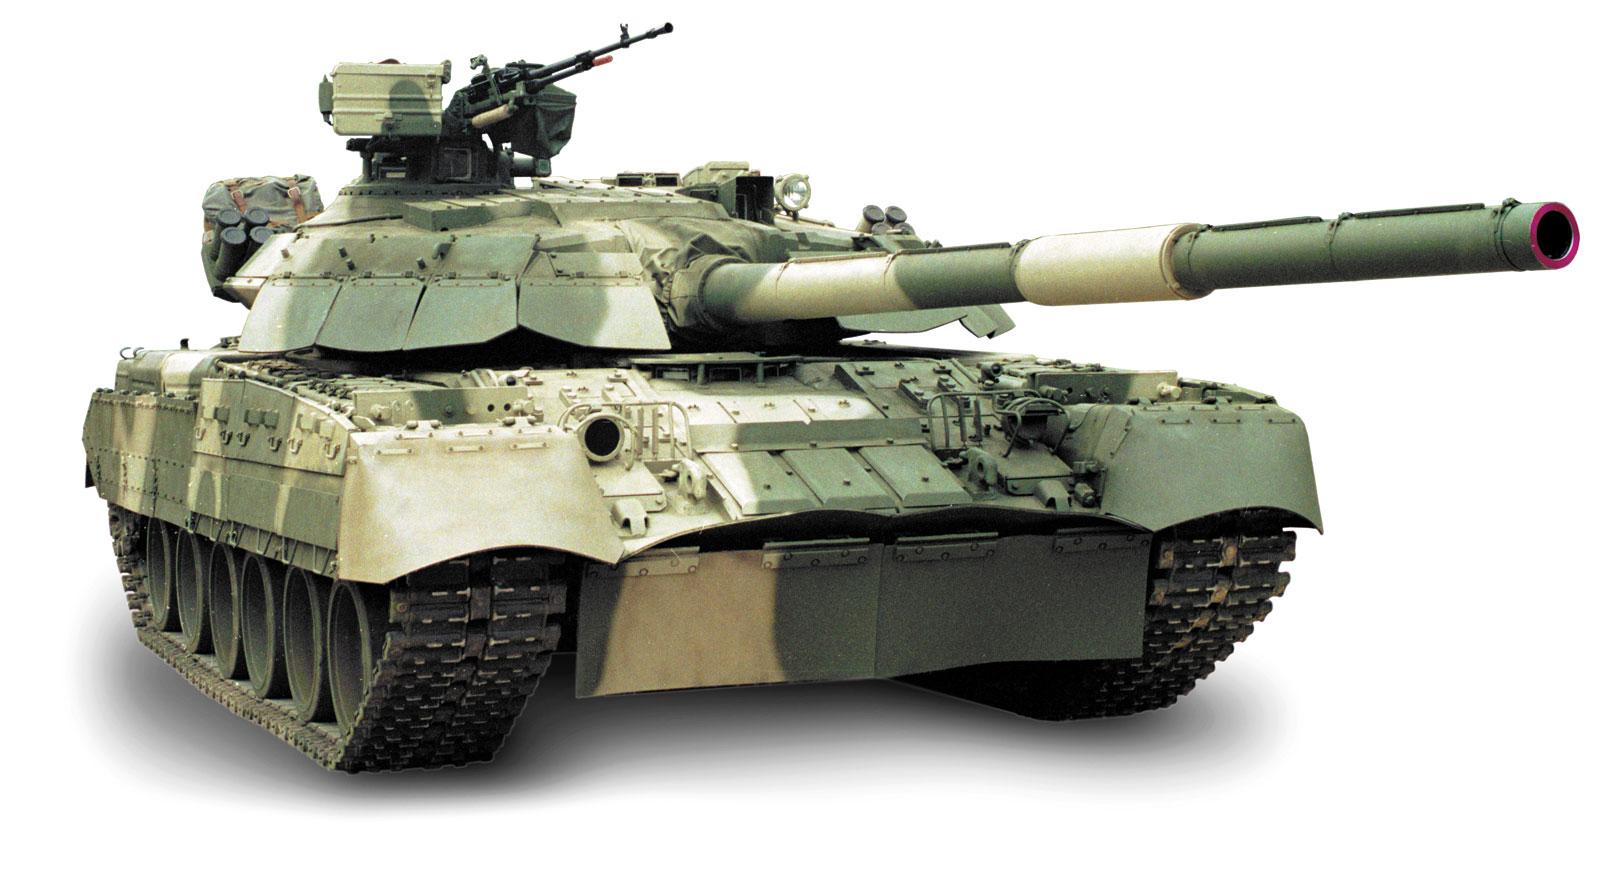 Снайпер 93-й мехбригады Александр Мамалуй показал захваченный у террористов танк Т-64А - Цензор.НЕТ 1472